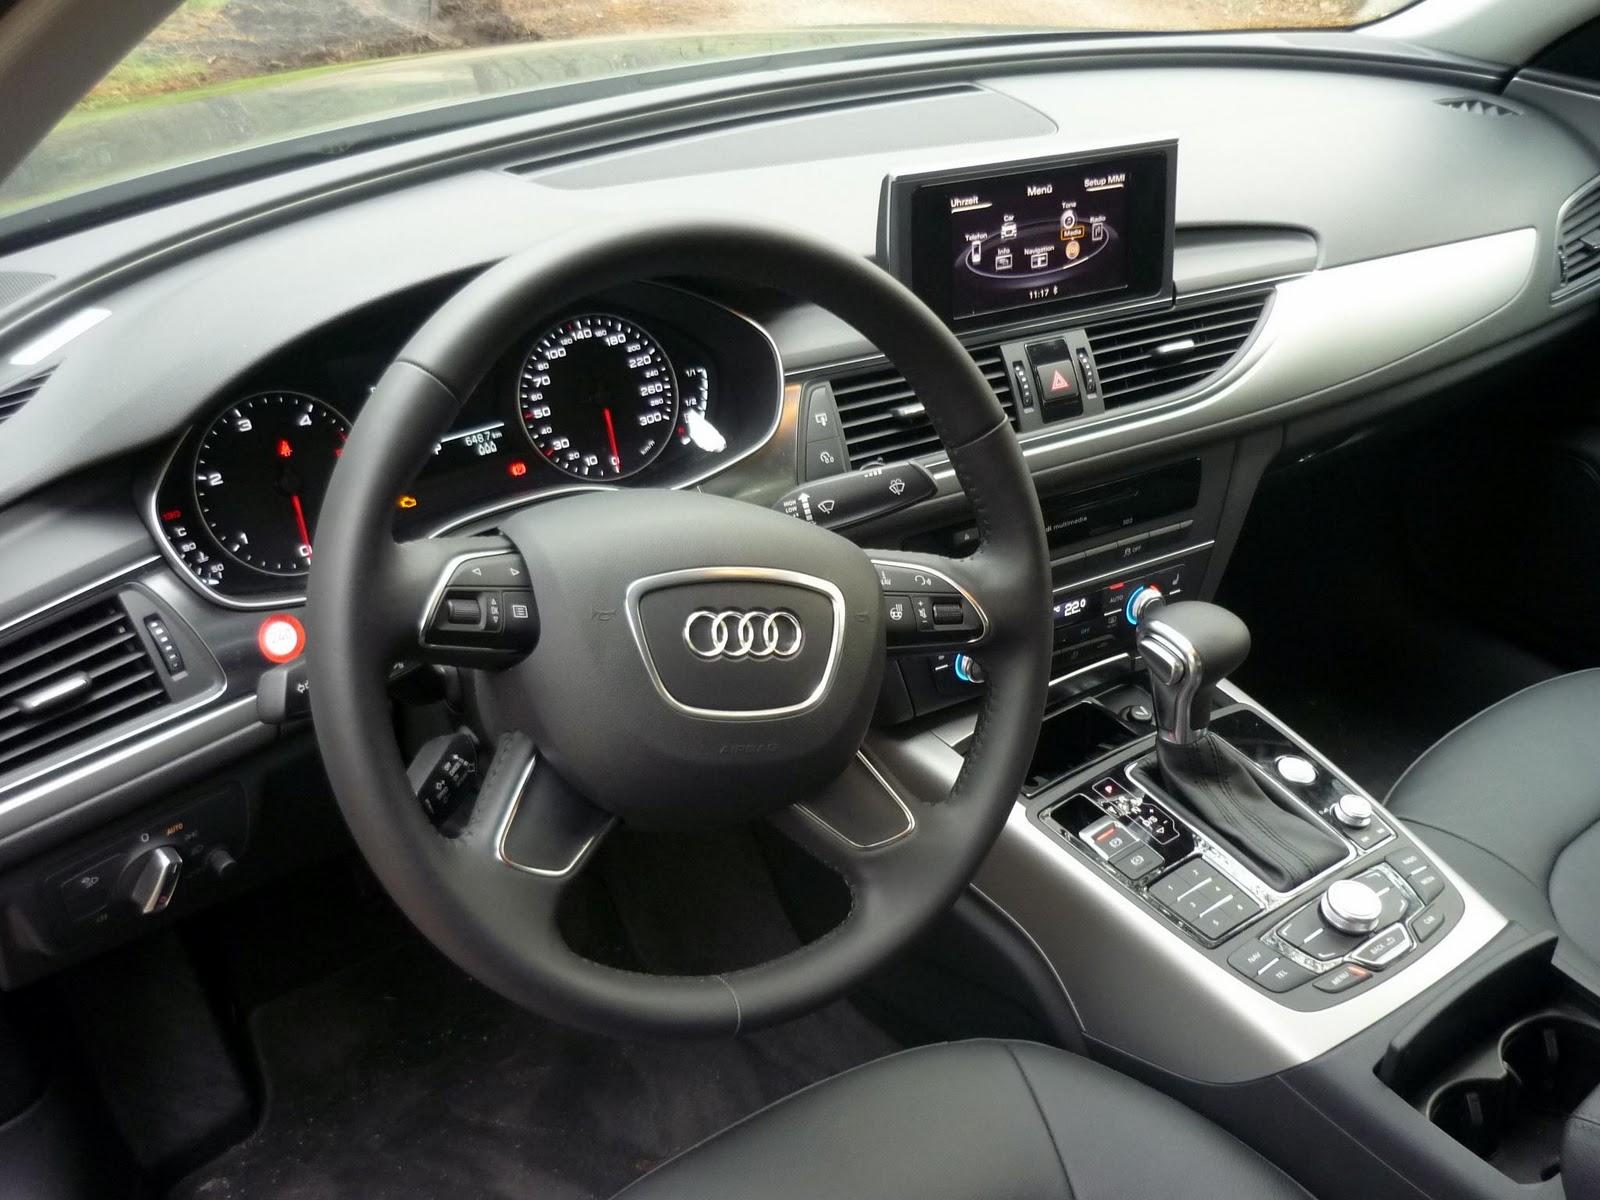 Guitigefilmpjes Car Review Audi A6 3 0 Tdi 204hp 4g C7